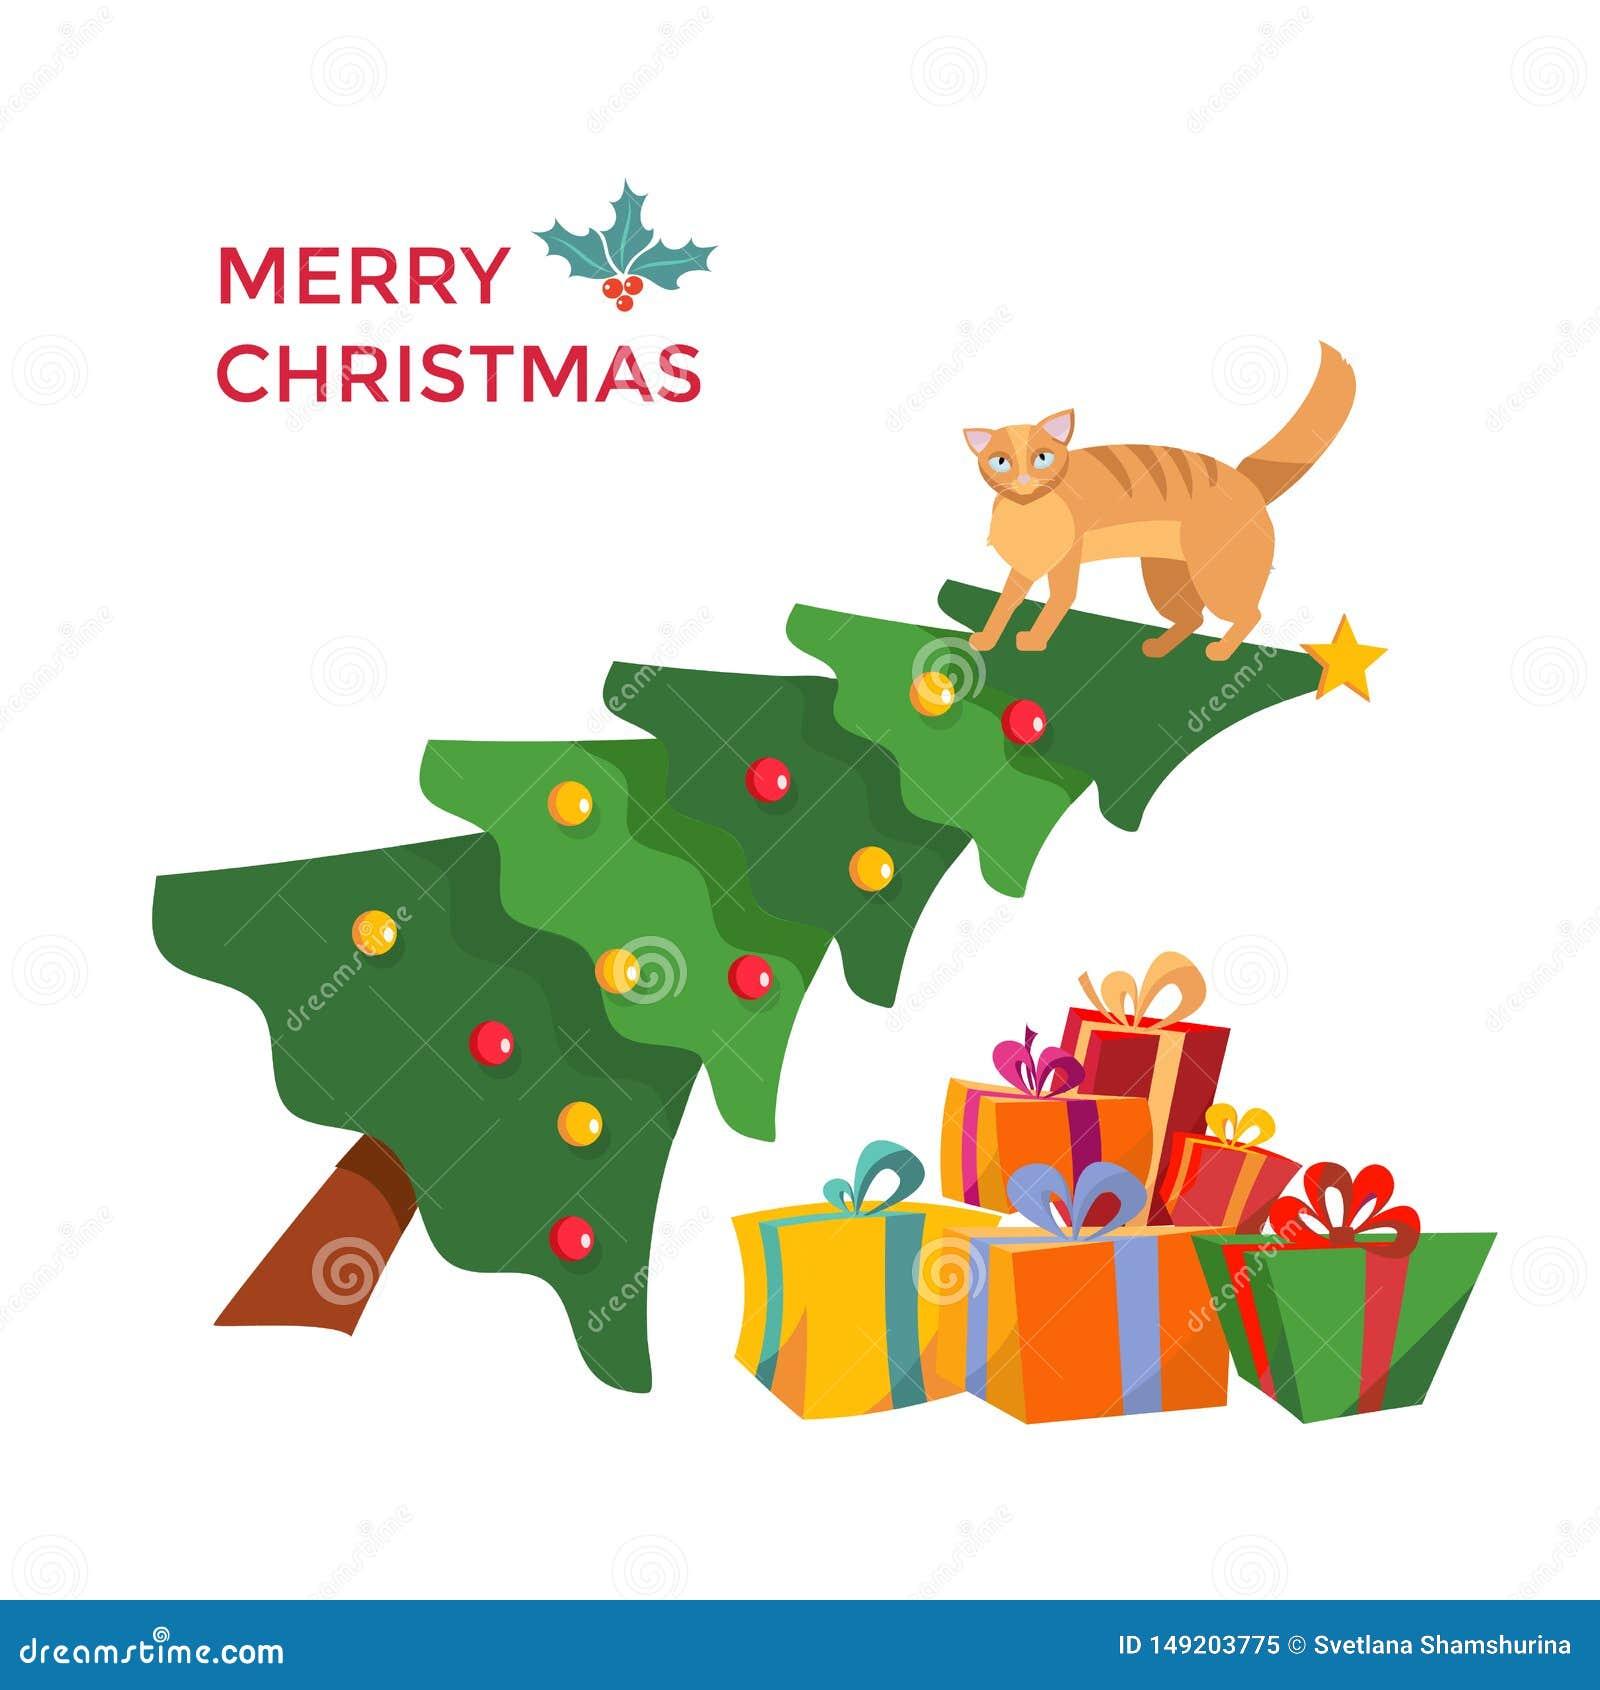 Η γάτα climbes στο χριστουγεννιάτικο δέντρο και κάθεται σε το Επιγραφή χαιρετισμού που διακοσμείται με το γκι ελαιόπρινου Χριστου